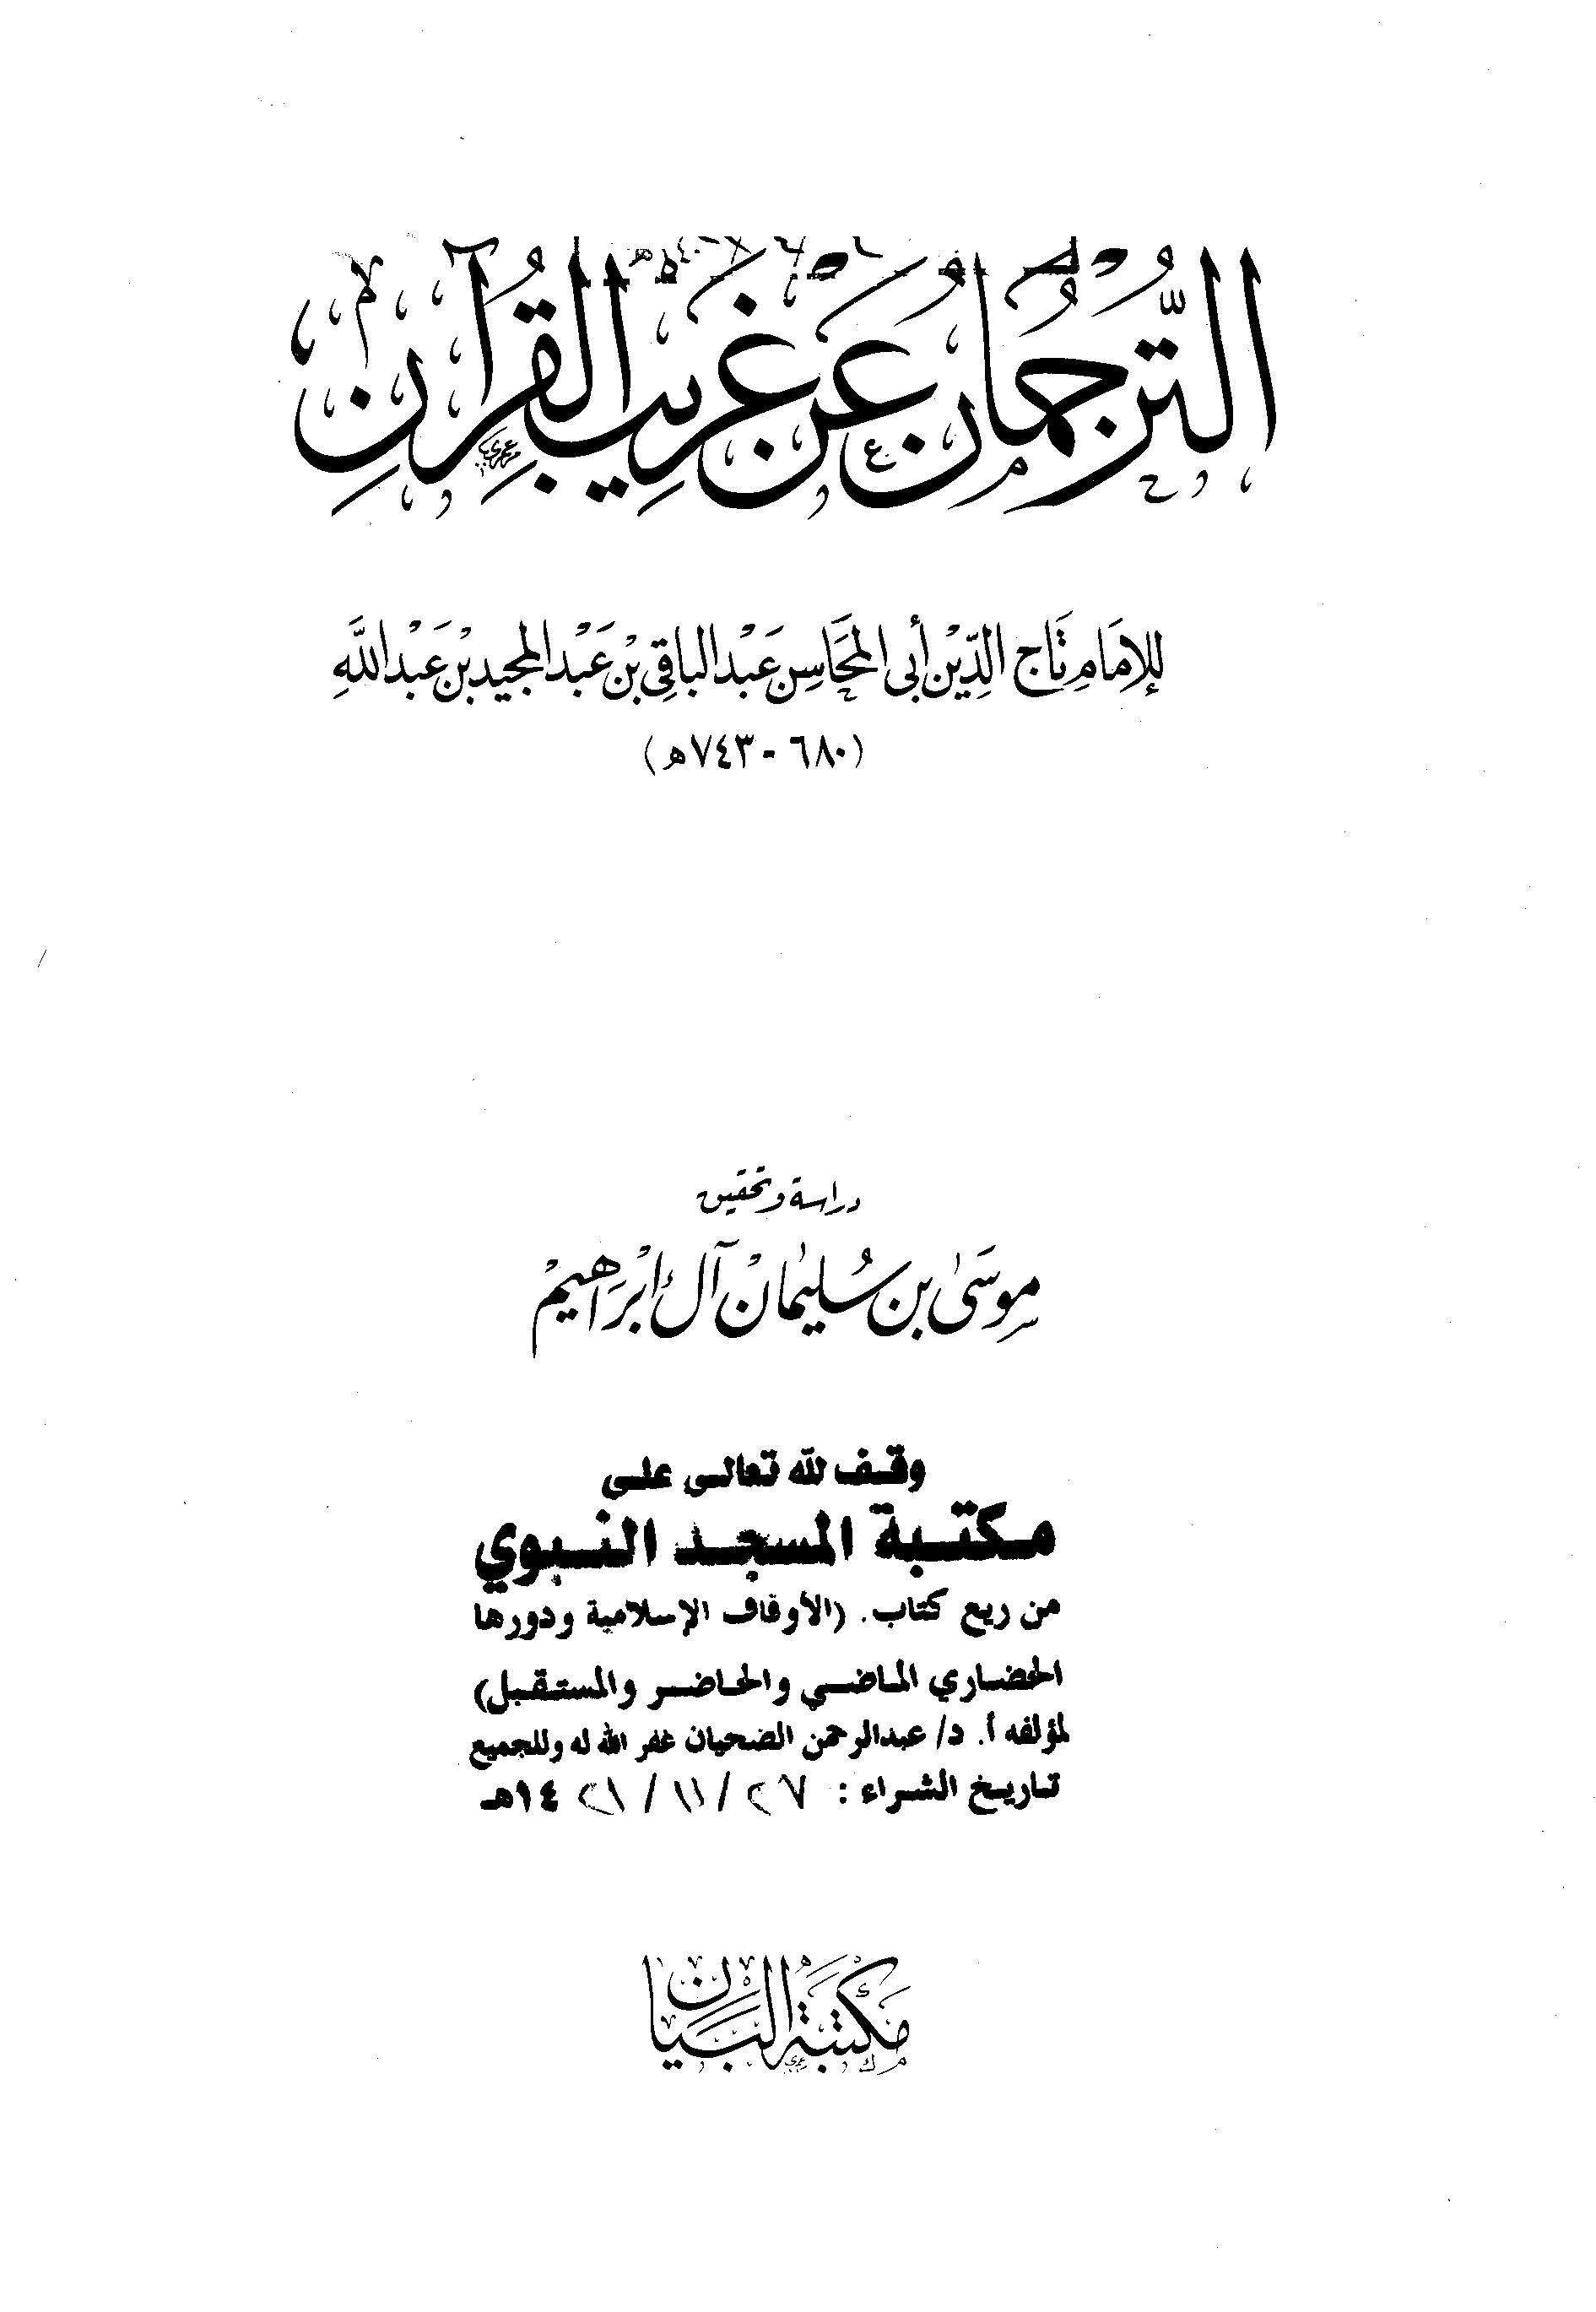 تحميل كتاب الترجمان عن غريب القرآن لـِ: الإمام أبو المحاسن تاج الدين عبد الباقي بن عبد المجيد بن عبد الله اليماني (ت 743)